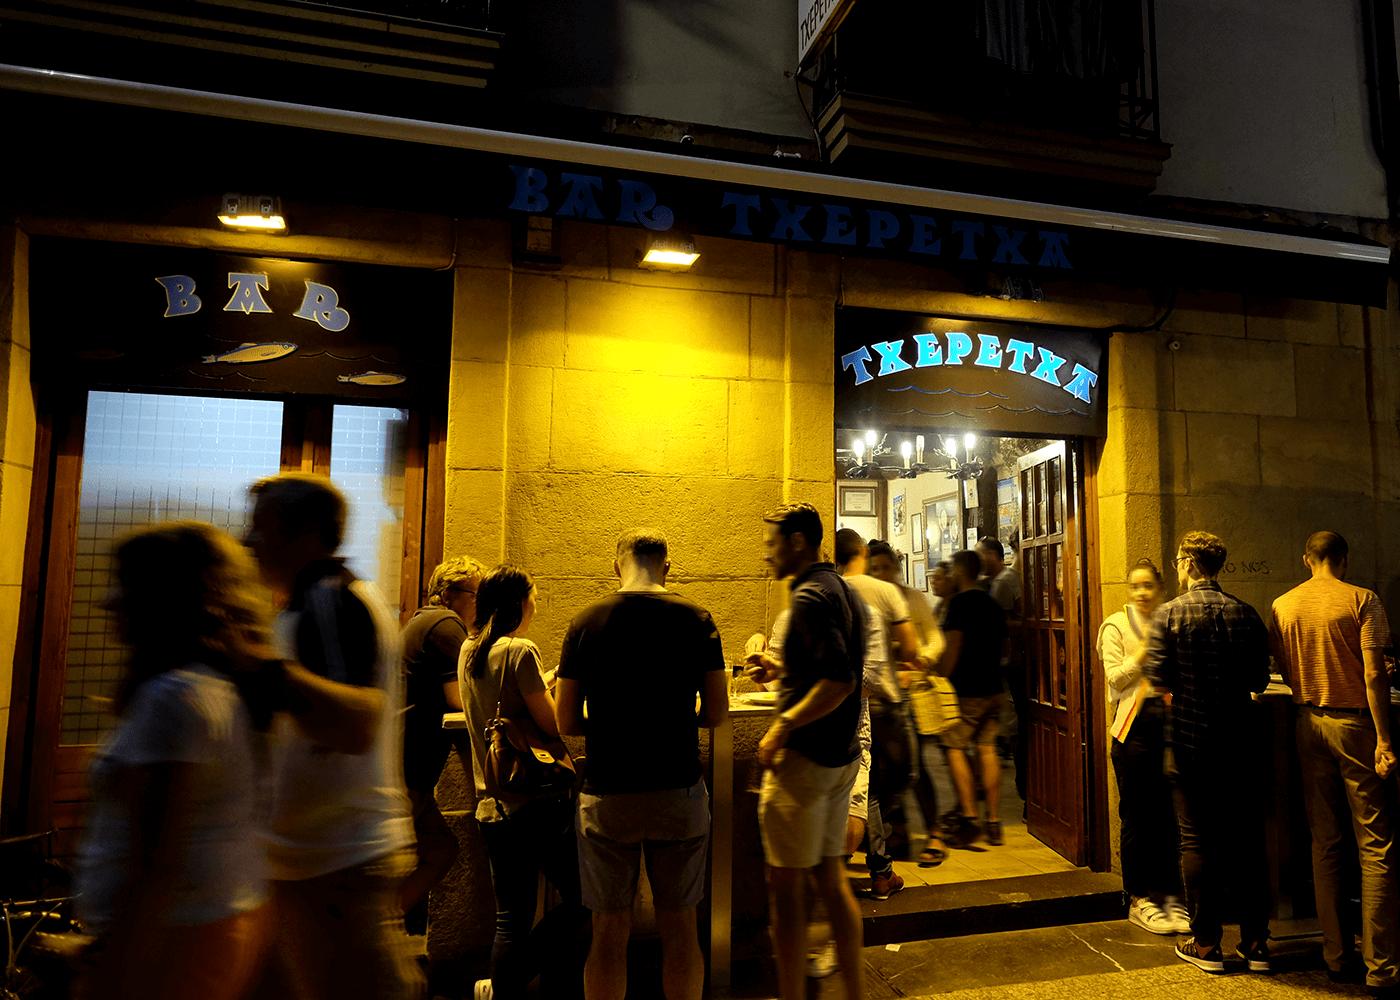 Bar Txepetxa(バル チェペチャ)